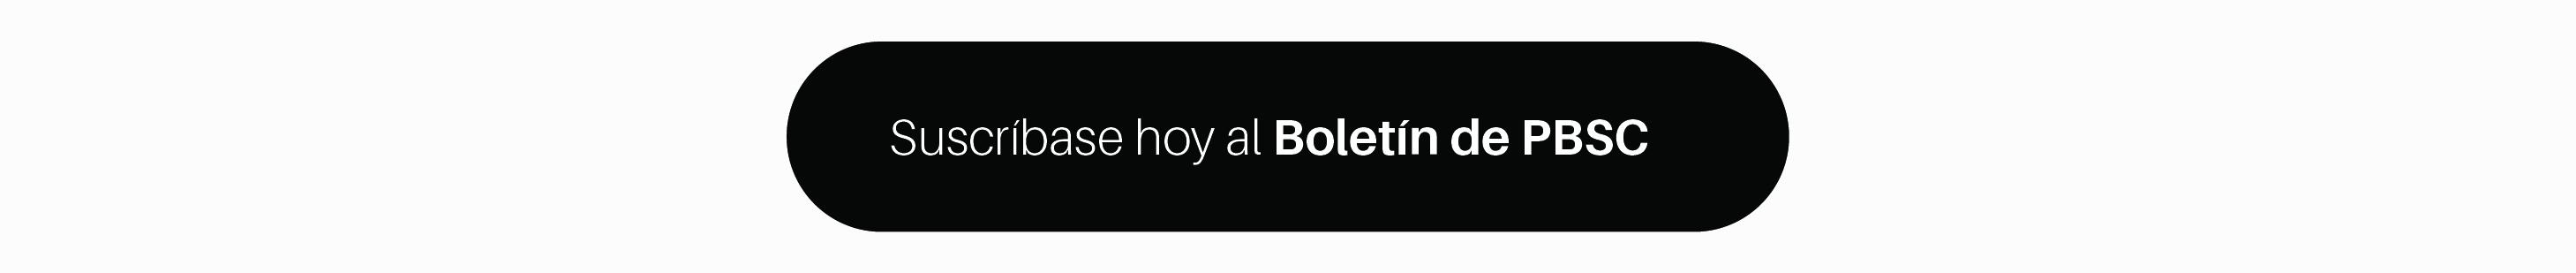 Bouton_ES.jpg (158 KB)